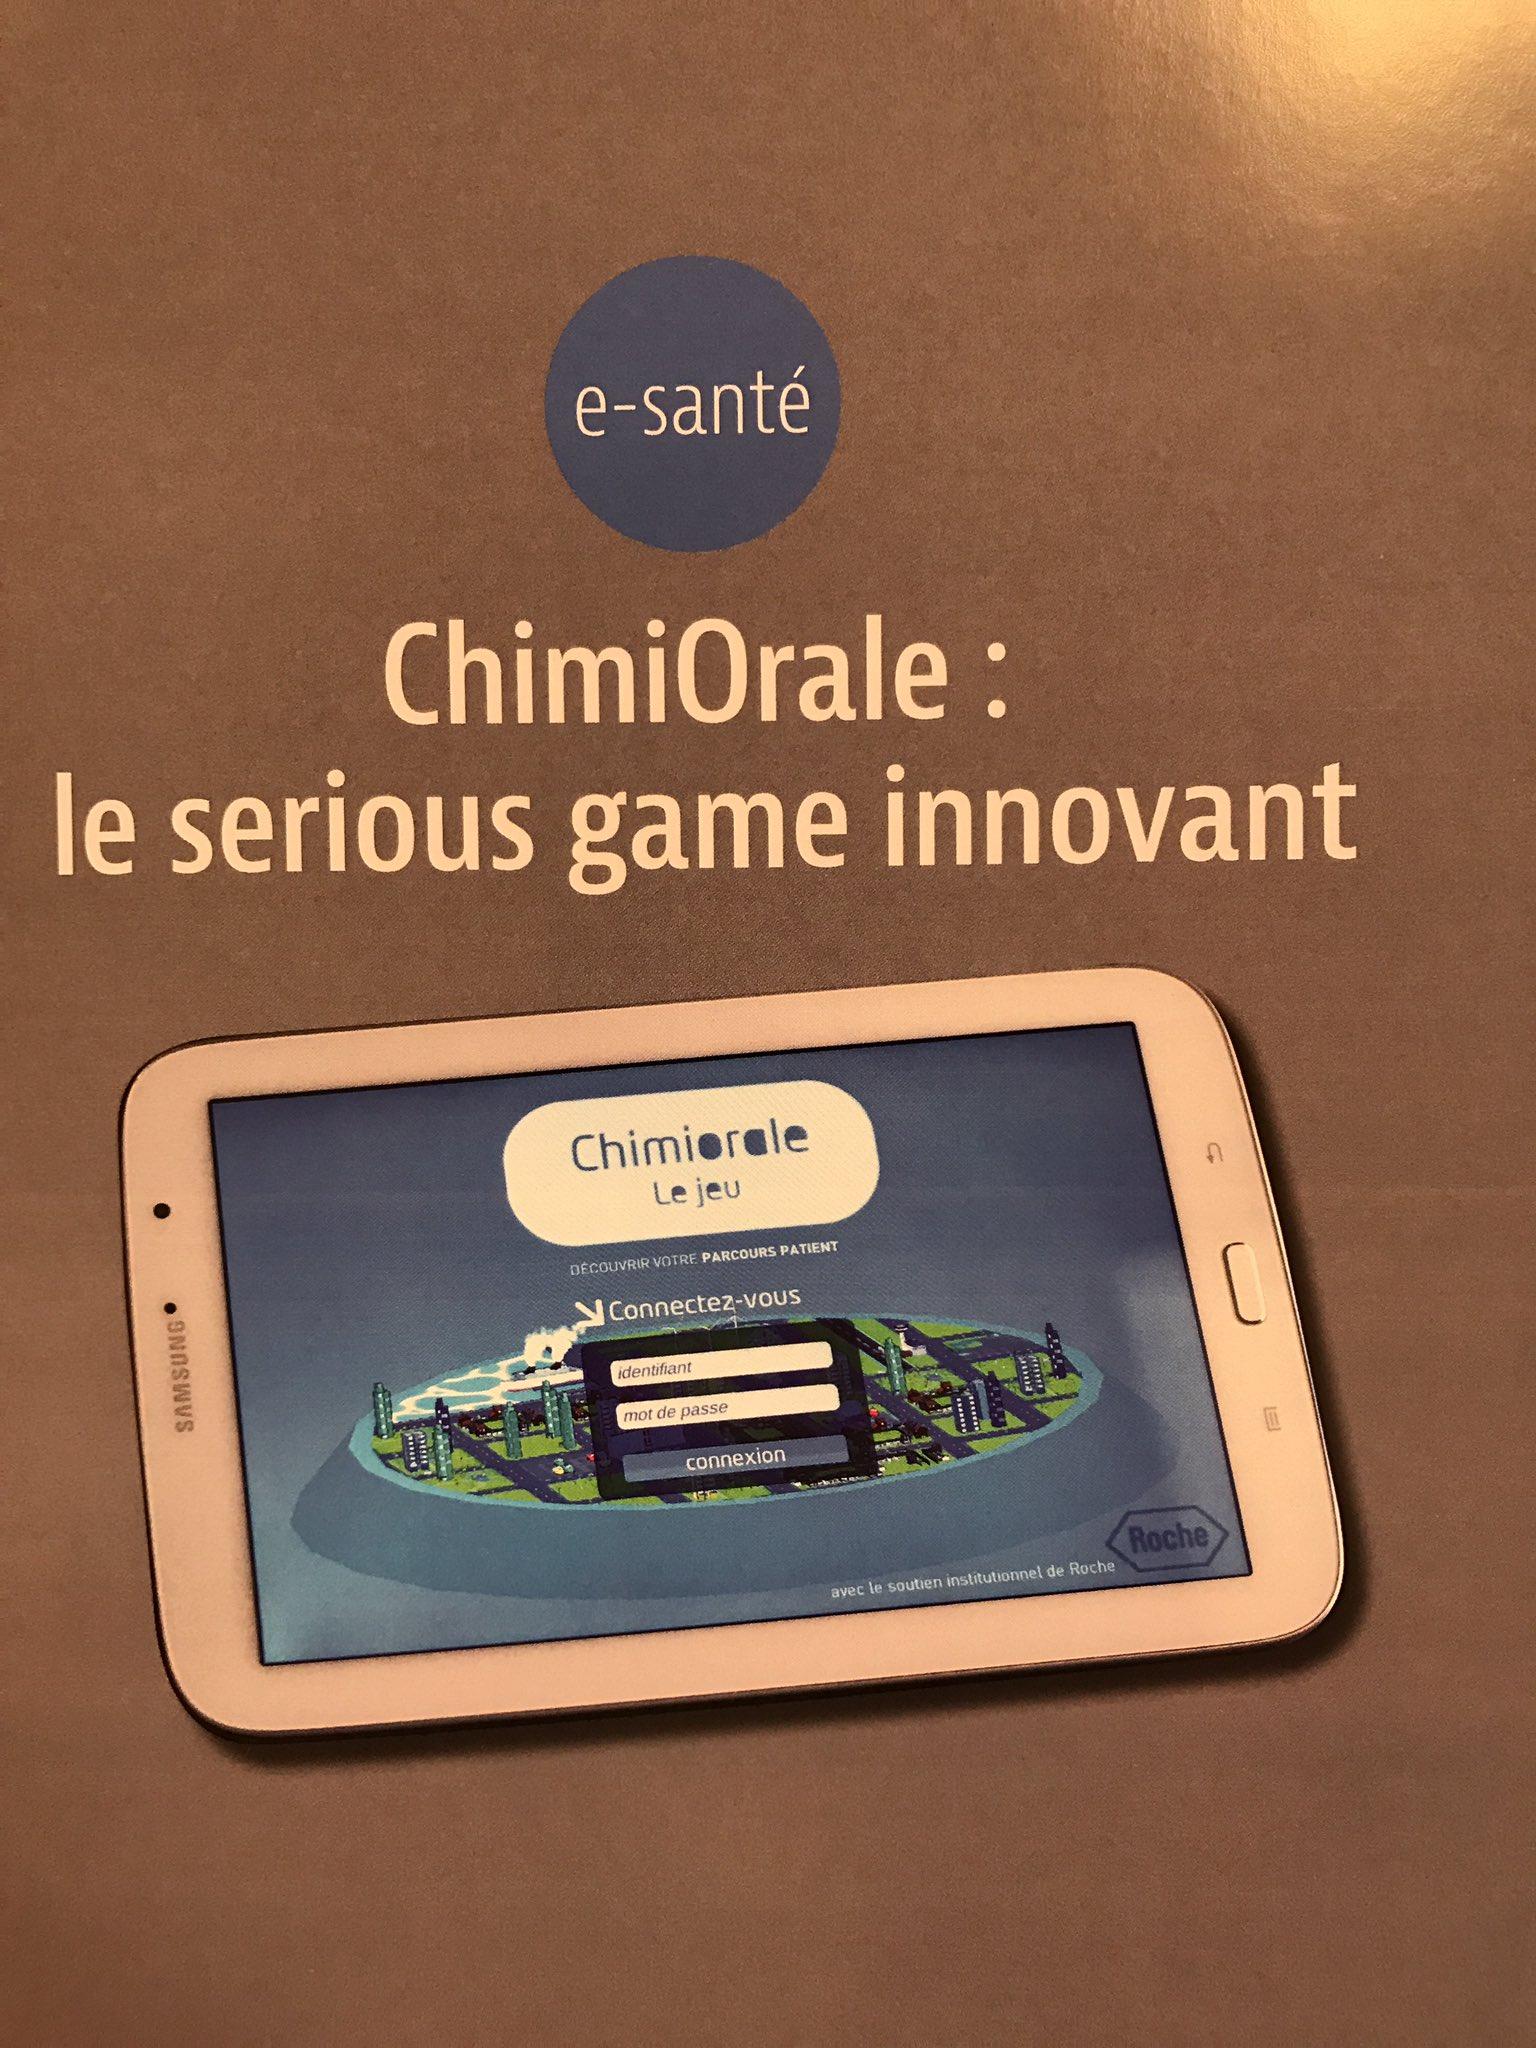 Thumbnail for ChimiOrale & VivaltoLife : deux outils innovants pour mieux accompagner les patients en oncologie